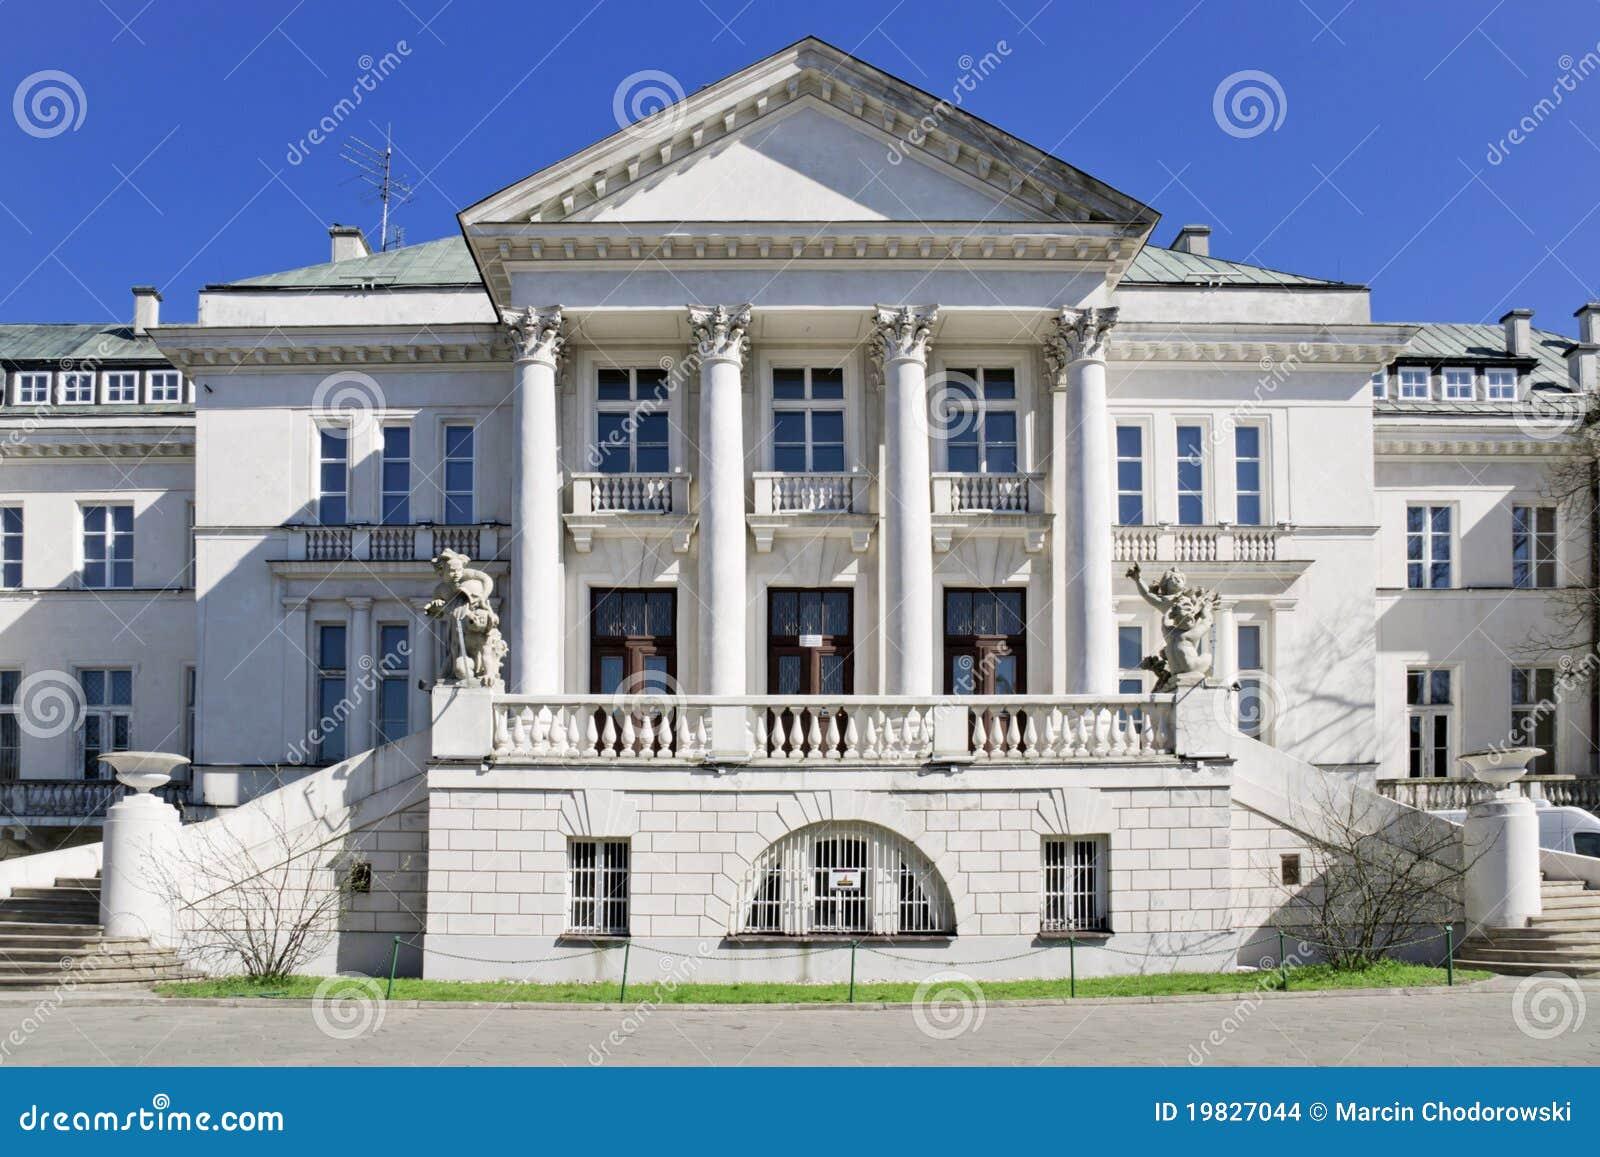 Architettura classica immagini stock immagine 19827044 for Architettura classica